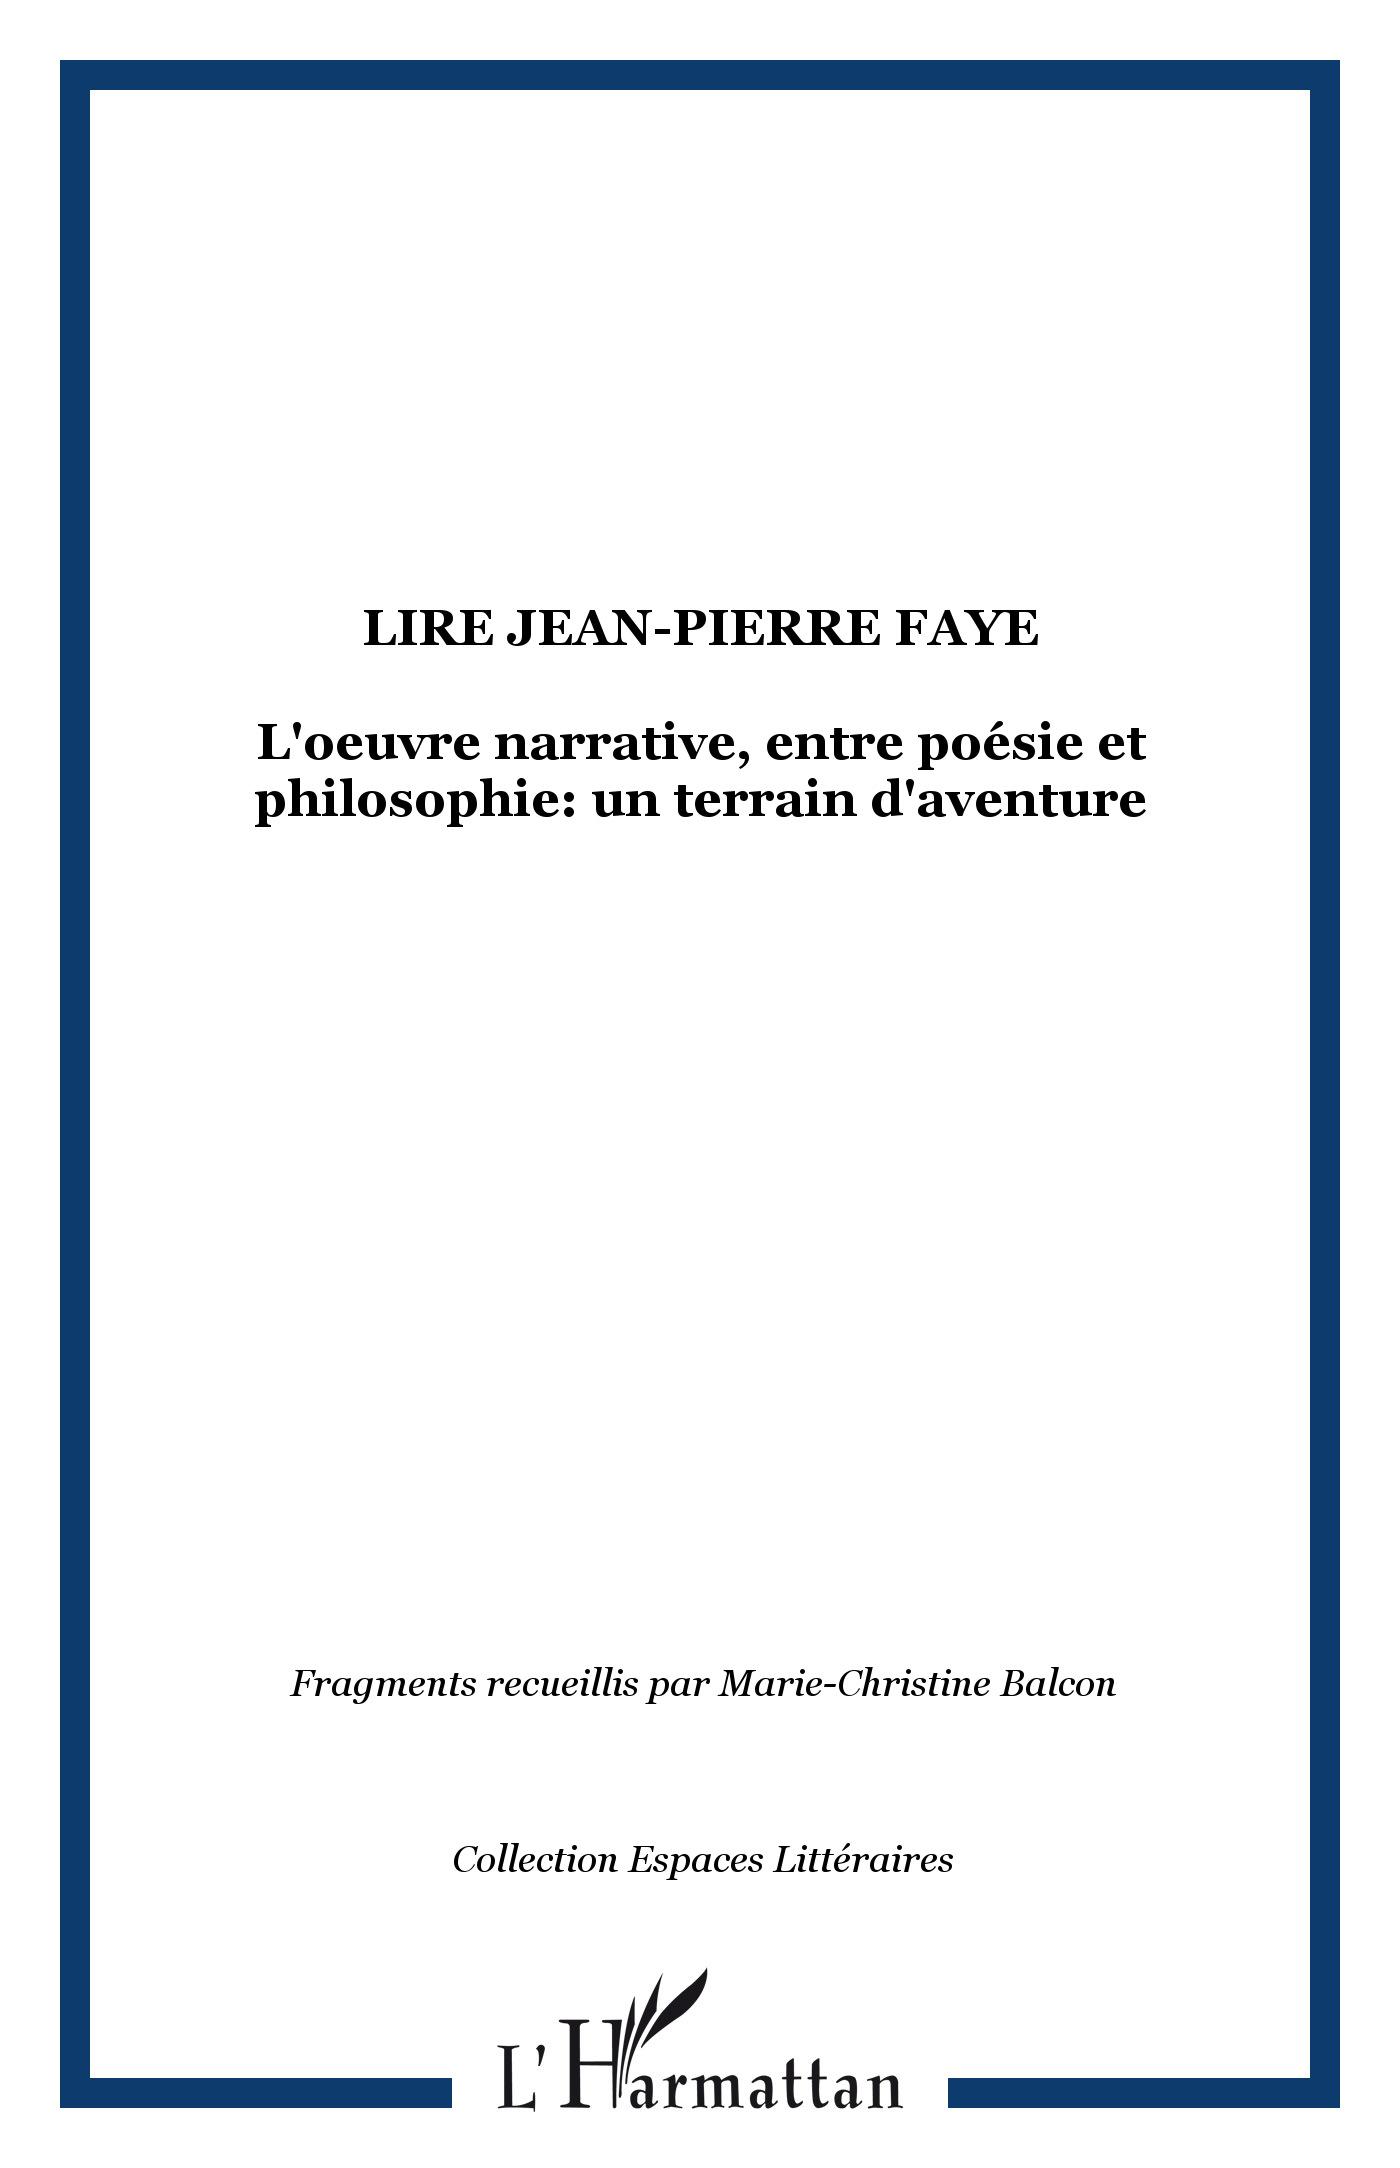 Lire Jean-Pierre